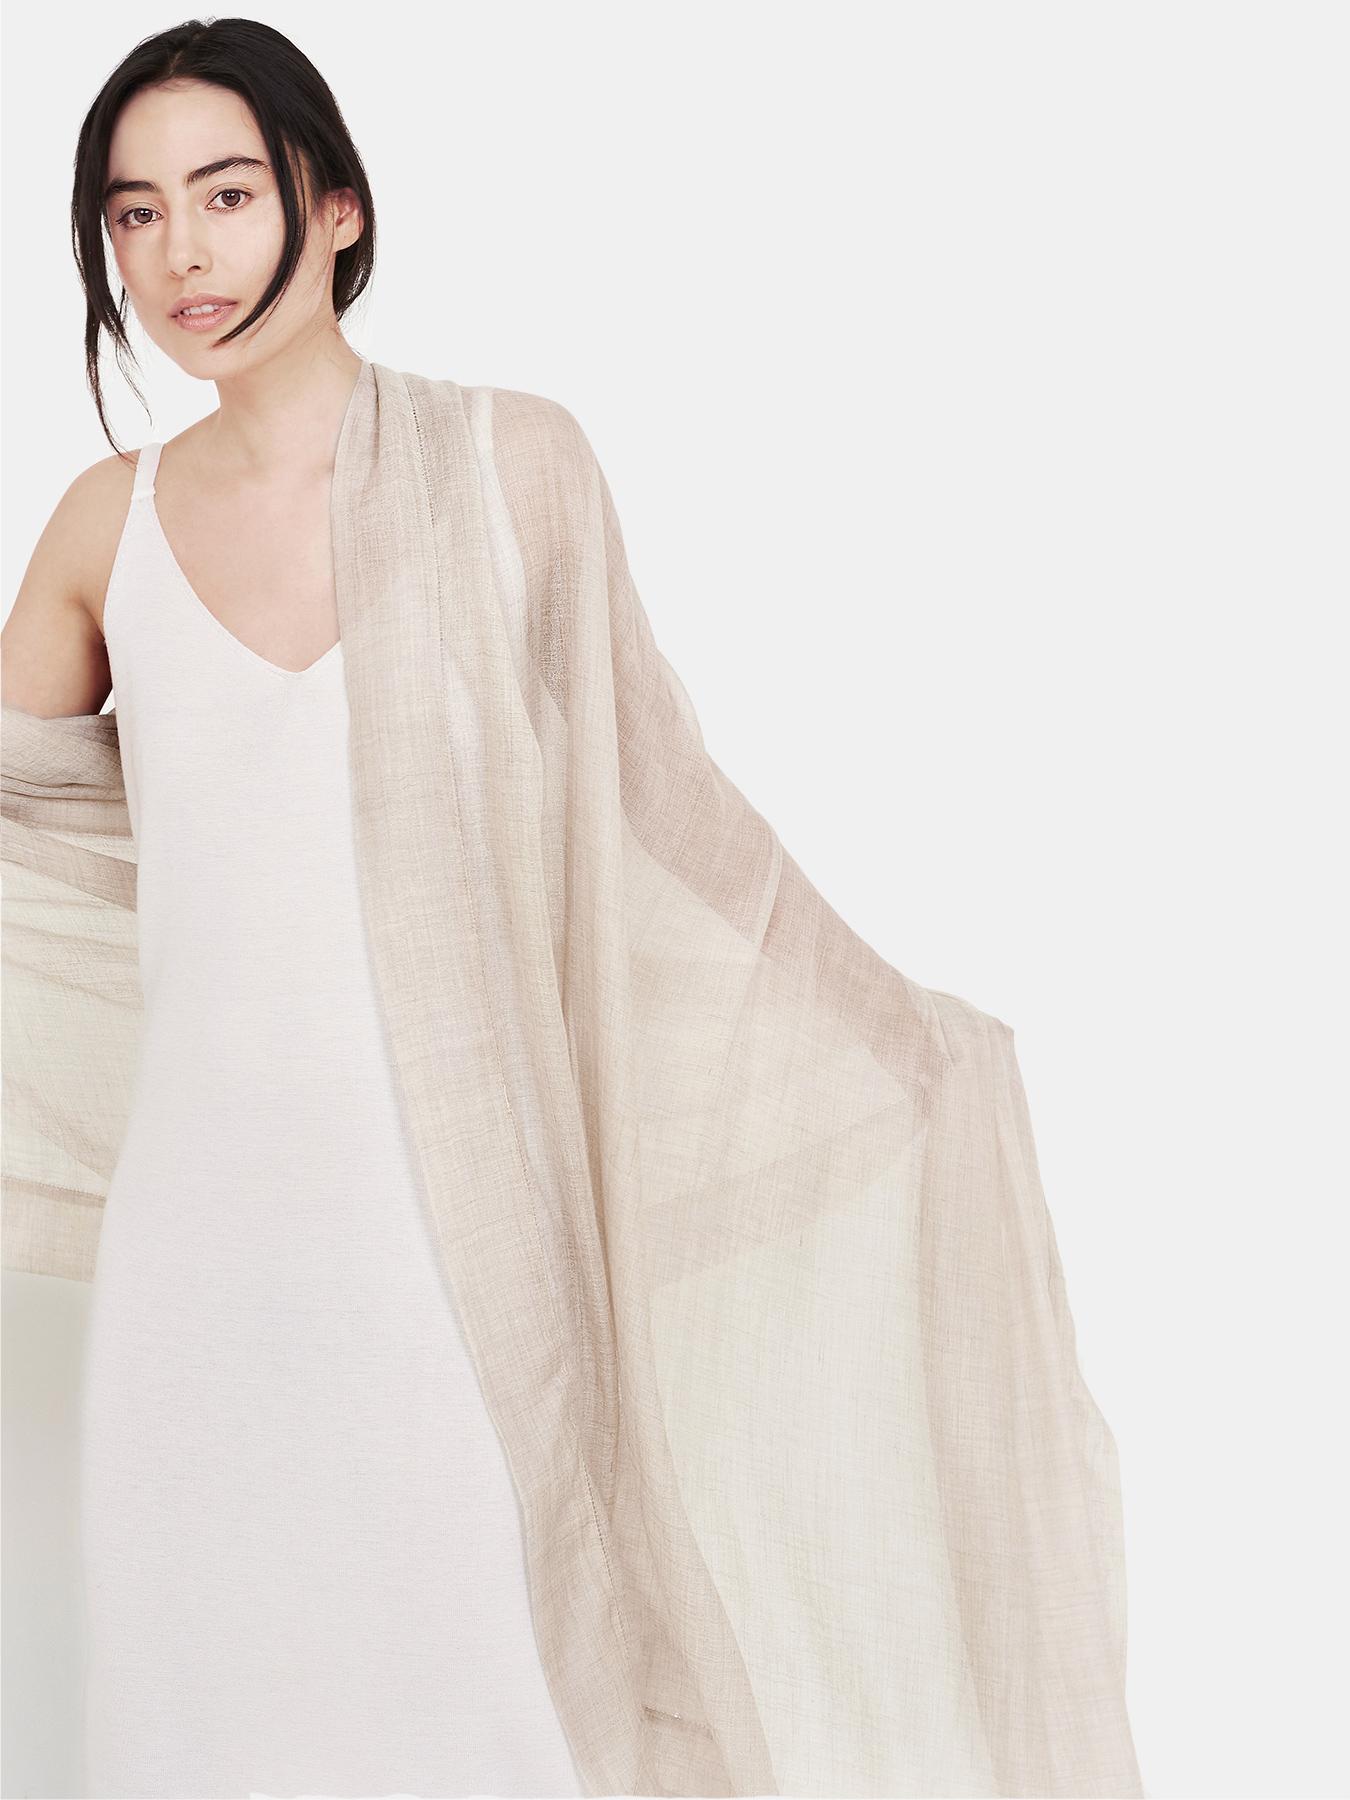 Feather-Cashmere Wrap Ecru-c2